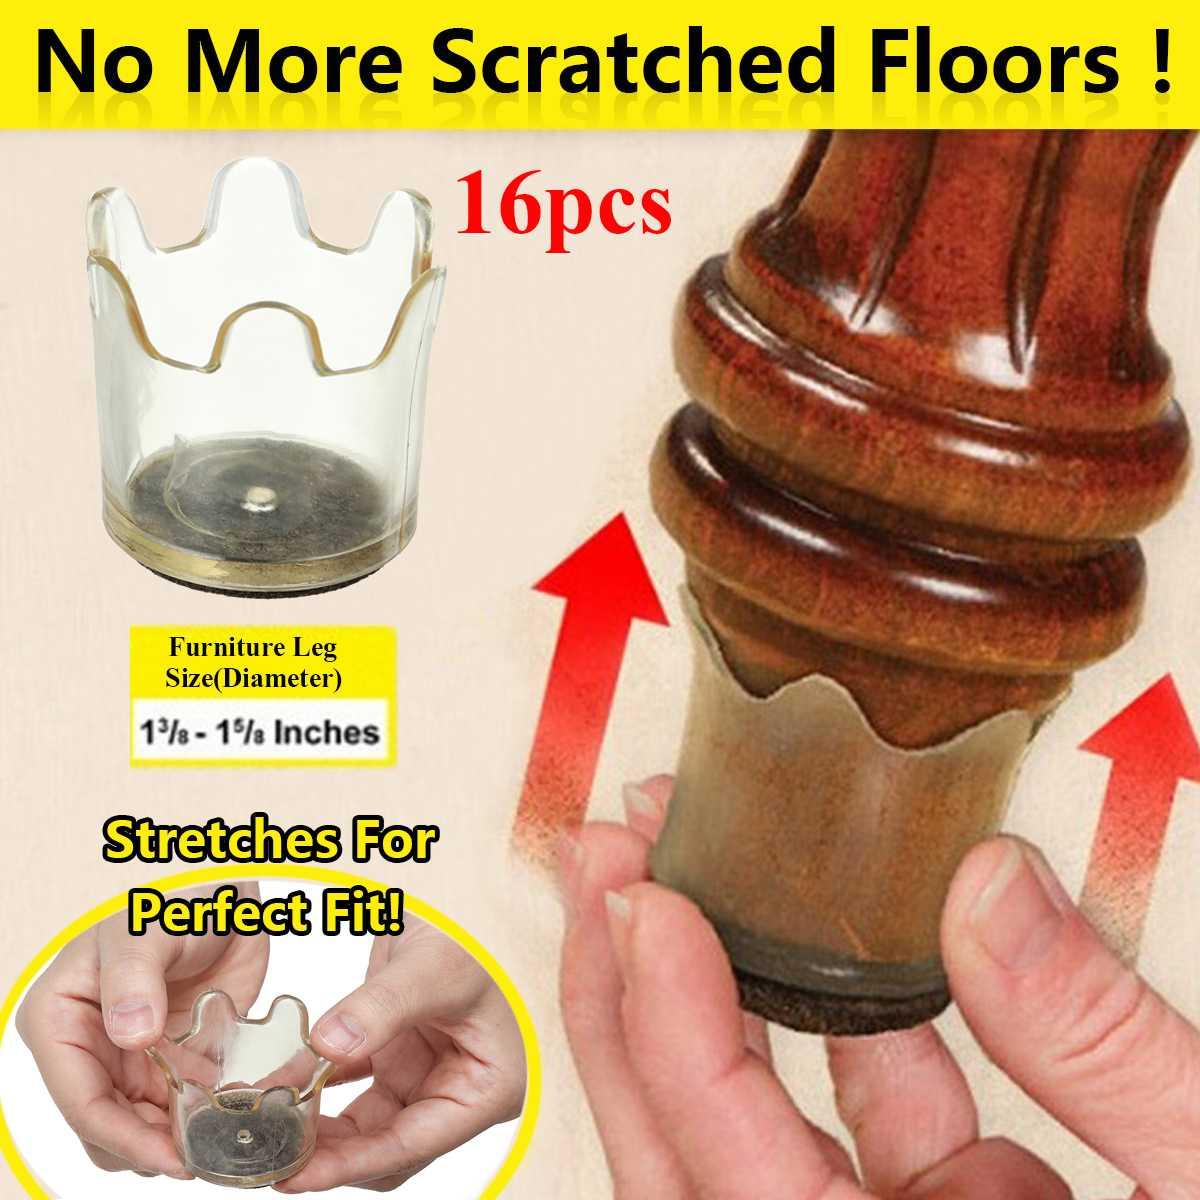 16pcs Silica Gel Chair Leg Caps Furniture Floor Feet Protectors Flexible Floor Protectors Fits Legs 1 3/8-1 5/8 Non-Slip16pcs Silica Gel Chair Leg Caps Furniture Floor Feet Protectors Flexible Floor Protectors Fits Legs 1 3/8-1 5/8 Non-Slip